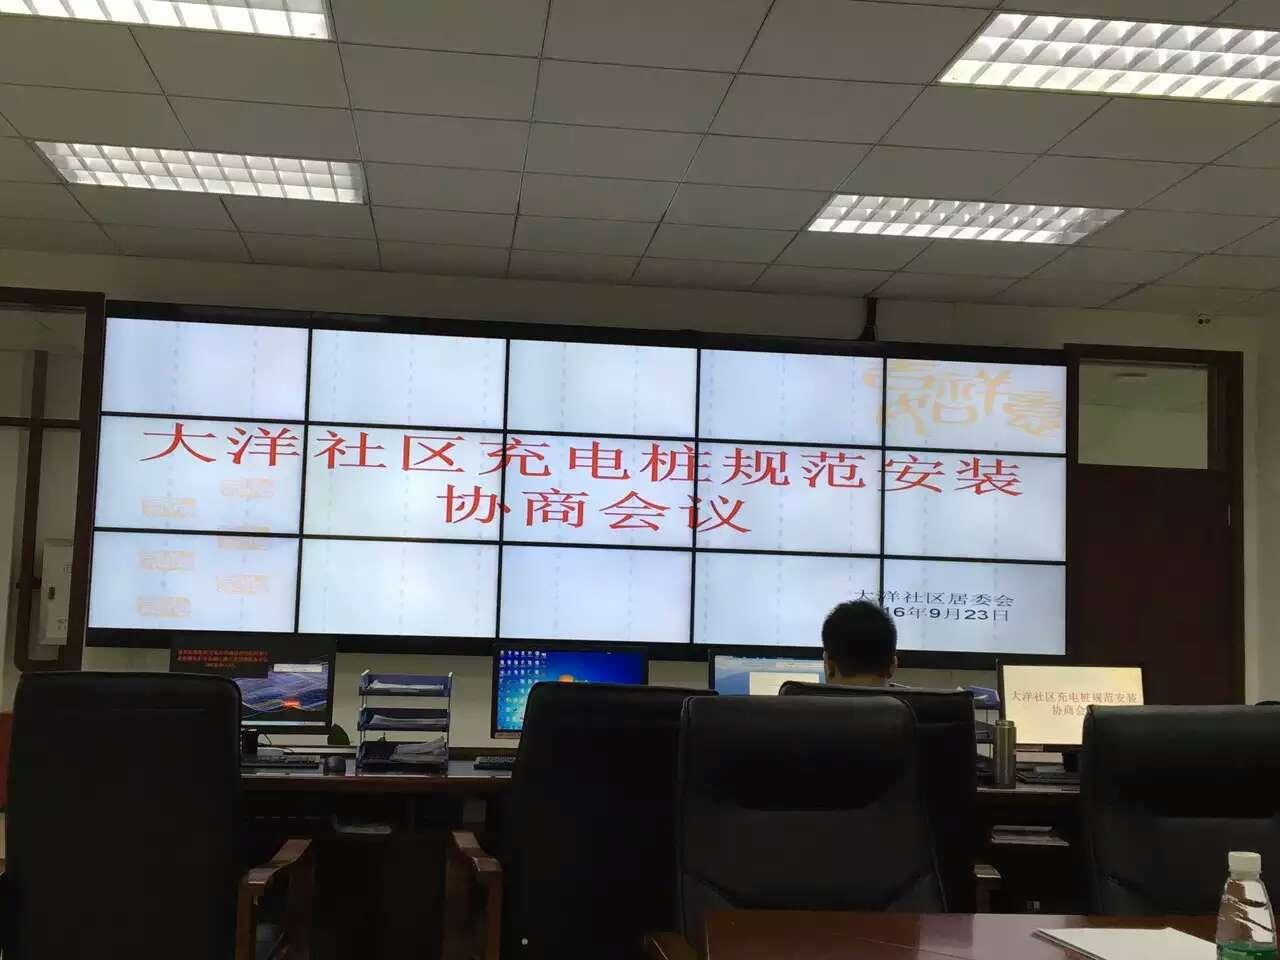 深圳福永街道辦舉辦充電站規范安裝會議